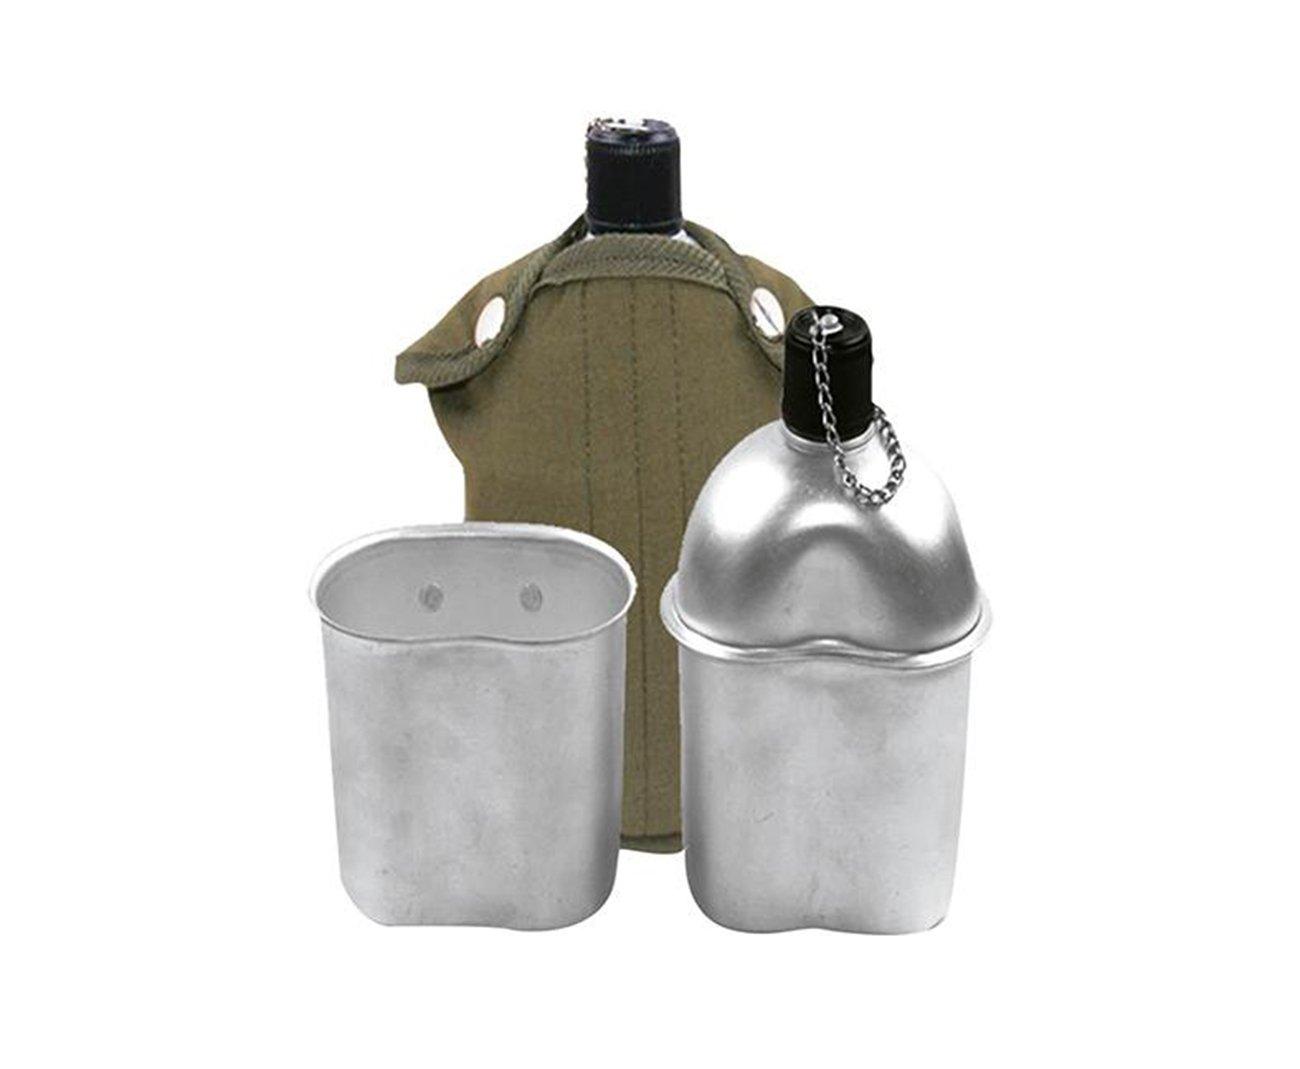 Cantil De Aluminio + Capa Verde + Copo Aluminio - Echolife